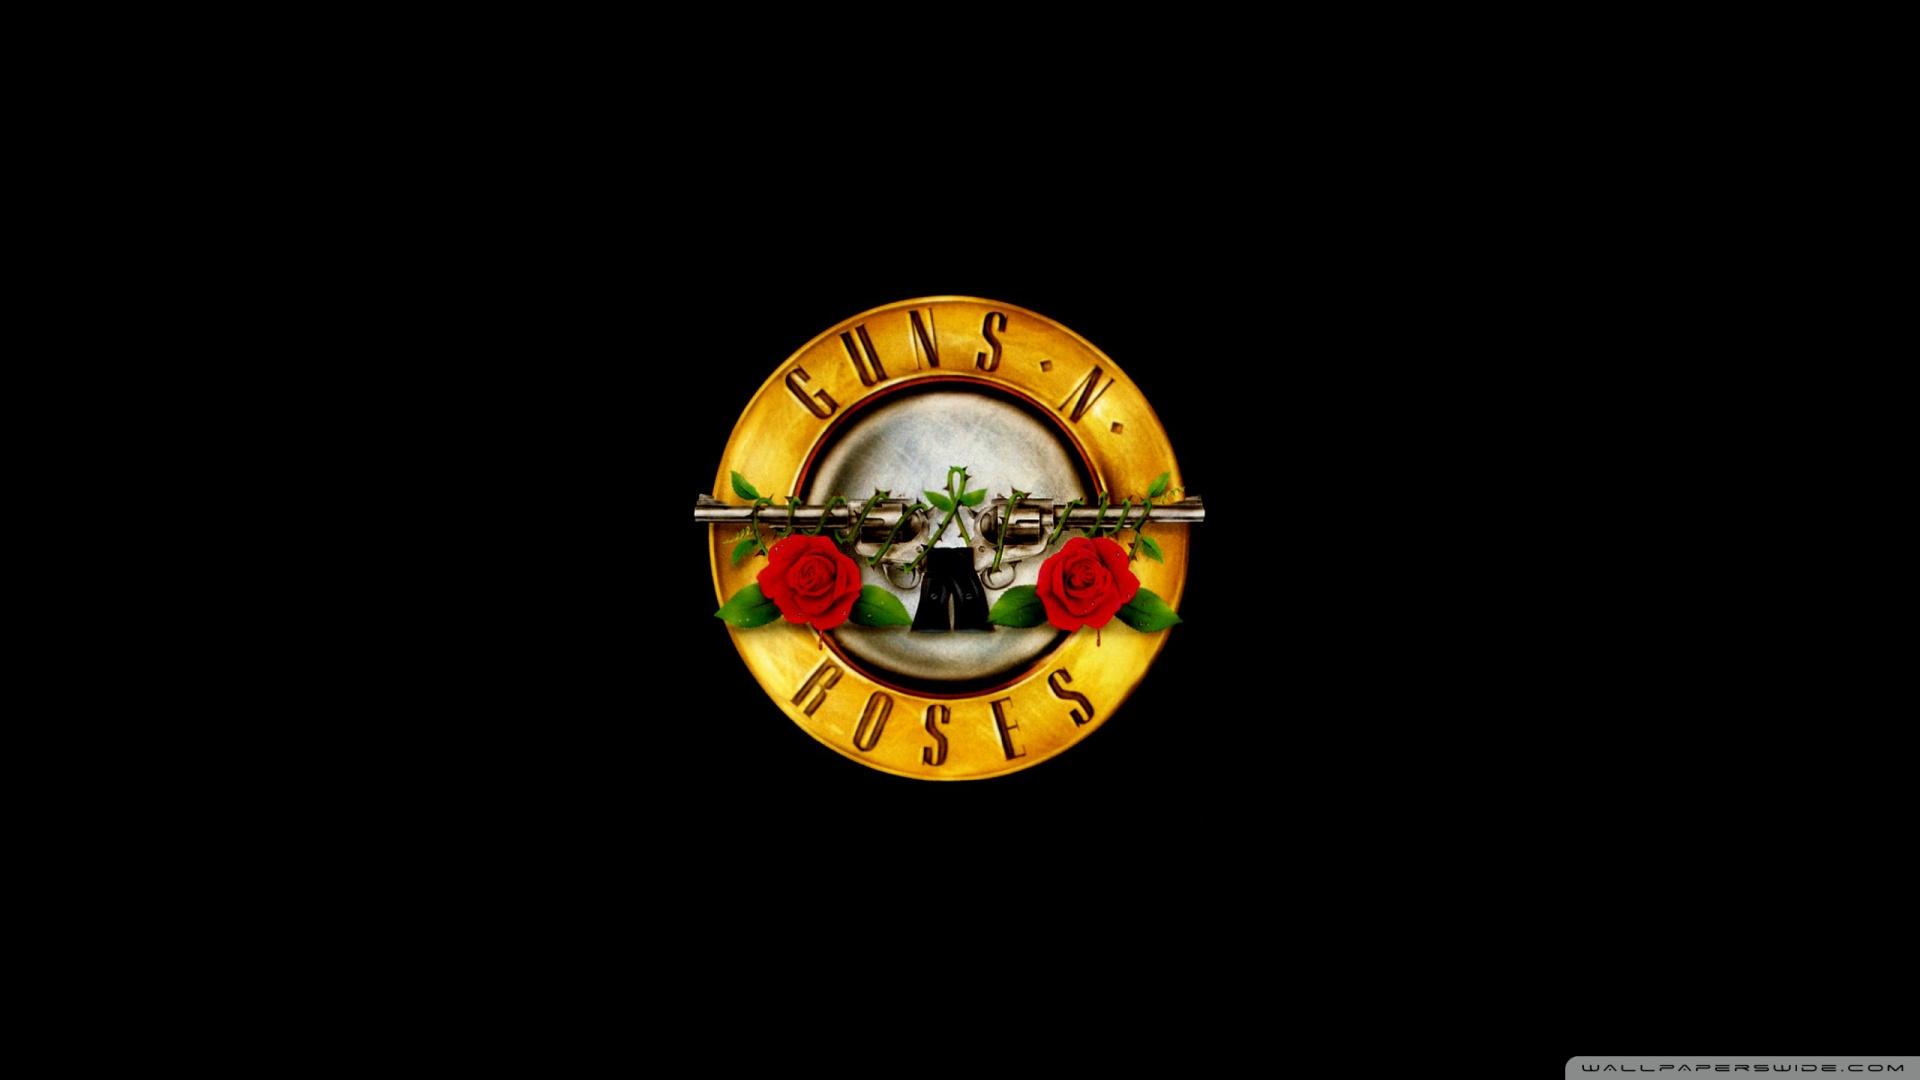 41 Guns N Roses Hd Wallpaper On Wallpapersafari